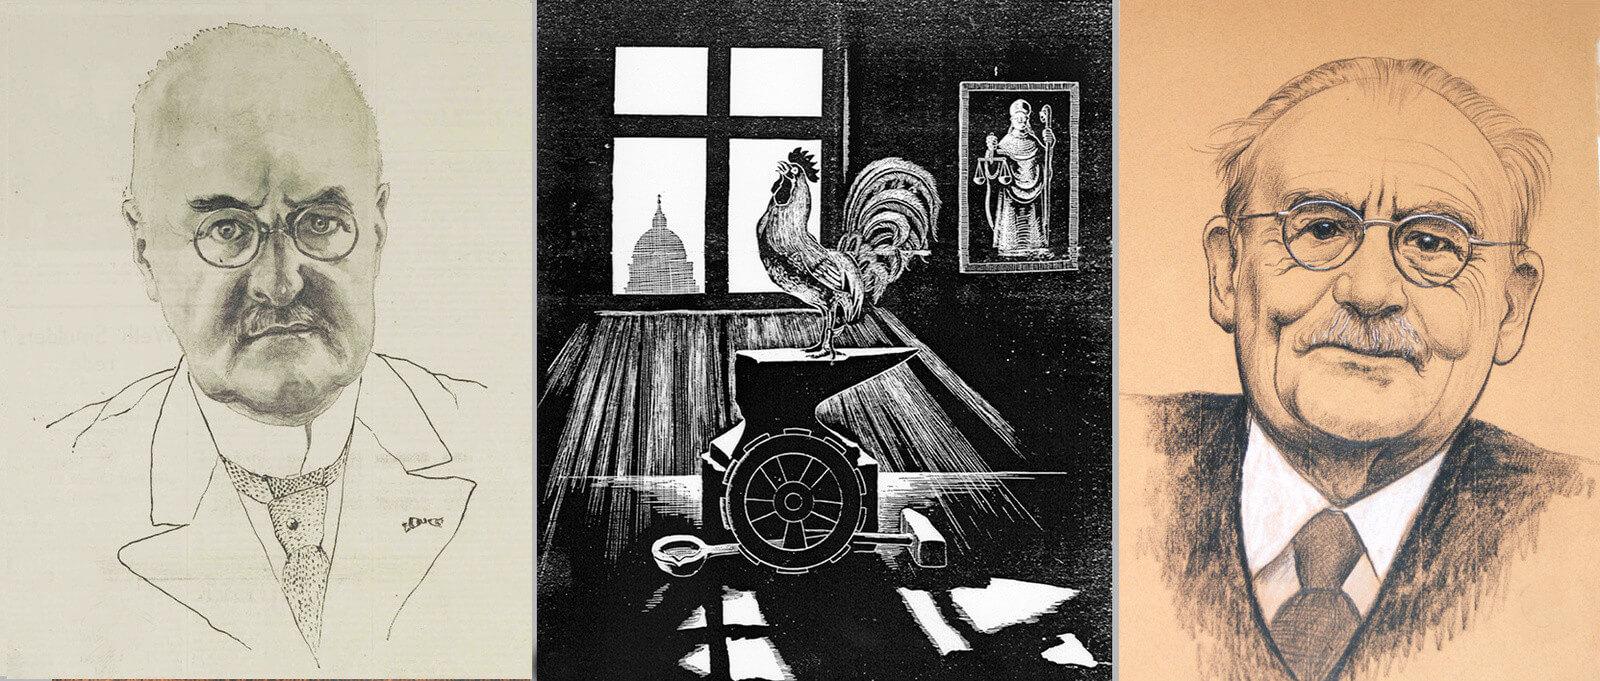 Burgemeester Fockema Andrea (1933), illustratie voor Sint Eloy (1938) en Willem Drees (onbekend). Tekeningen: Jul. Terlingen